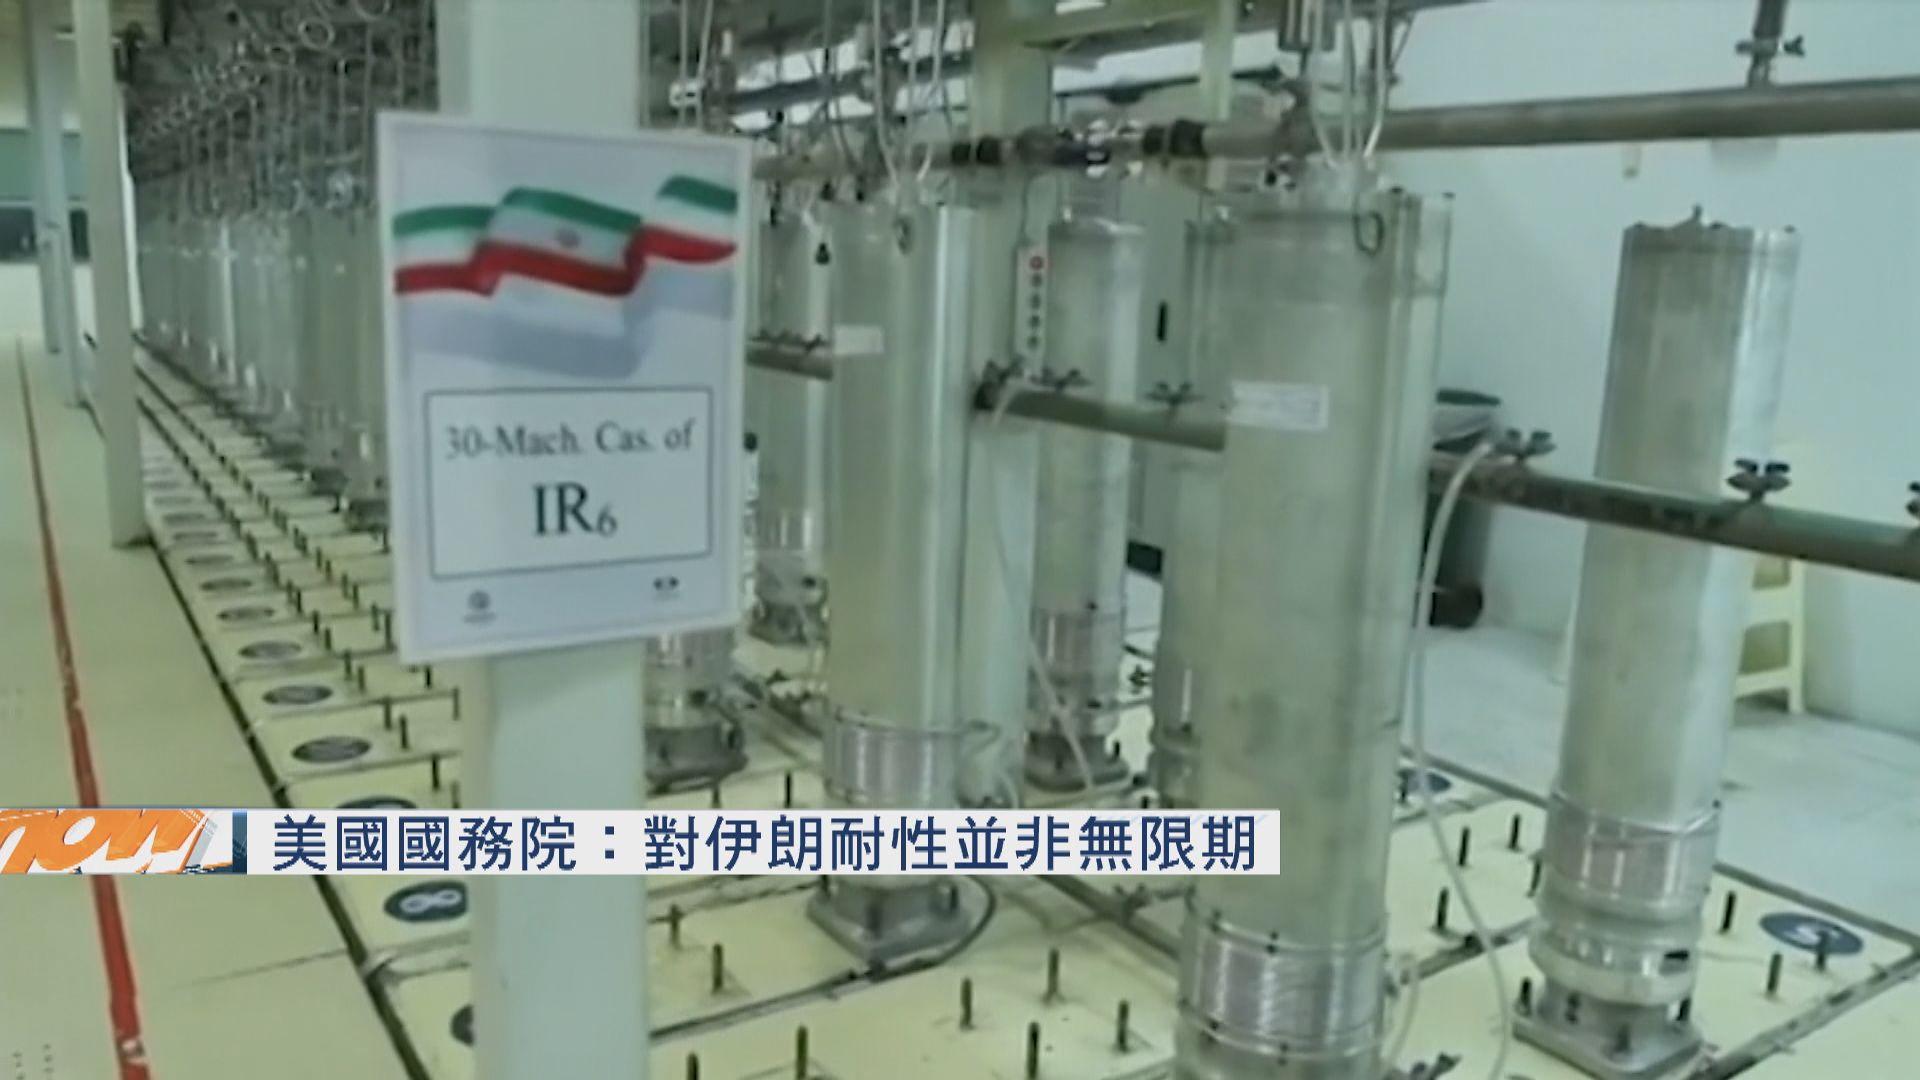 美國指願磋商伊朗核問題 惟伊朗未回覆